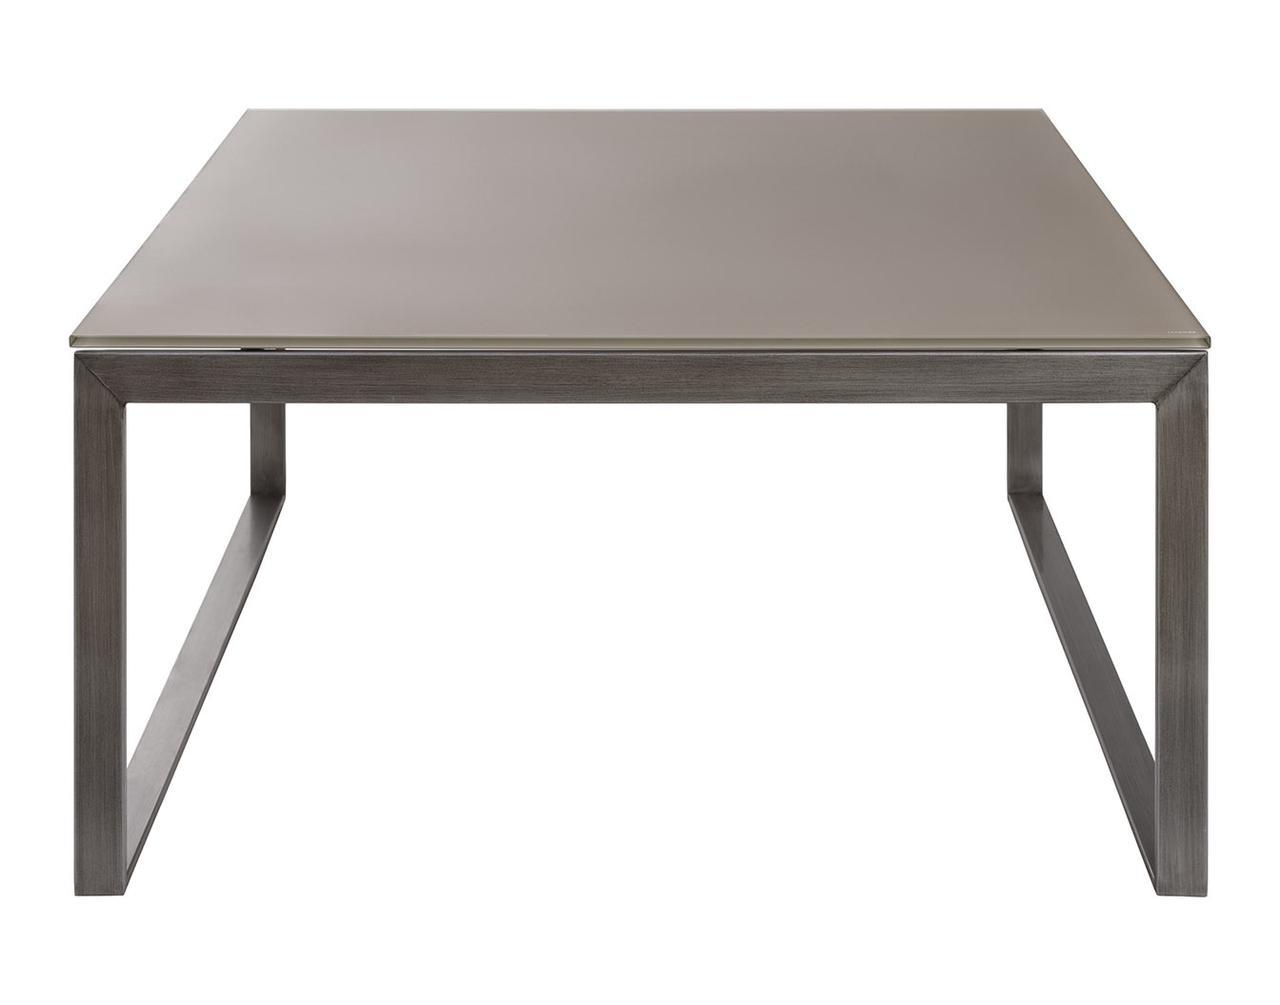 Стол журнальный BRIGHTON S (89.5*89.5*45см) мокко